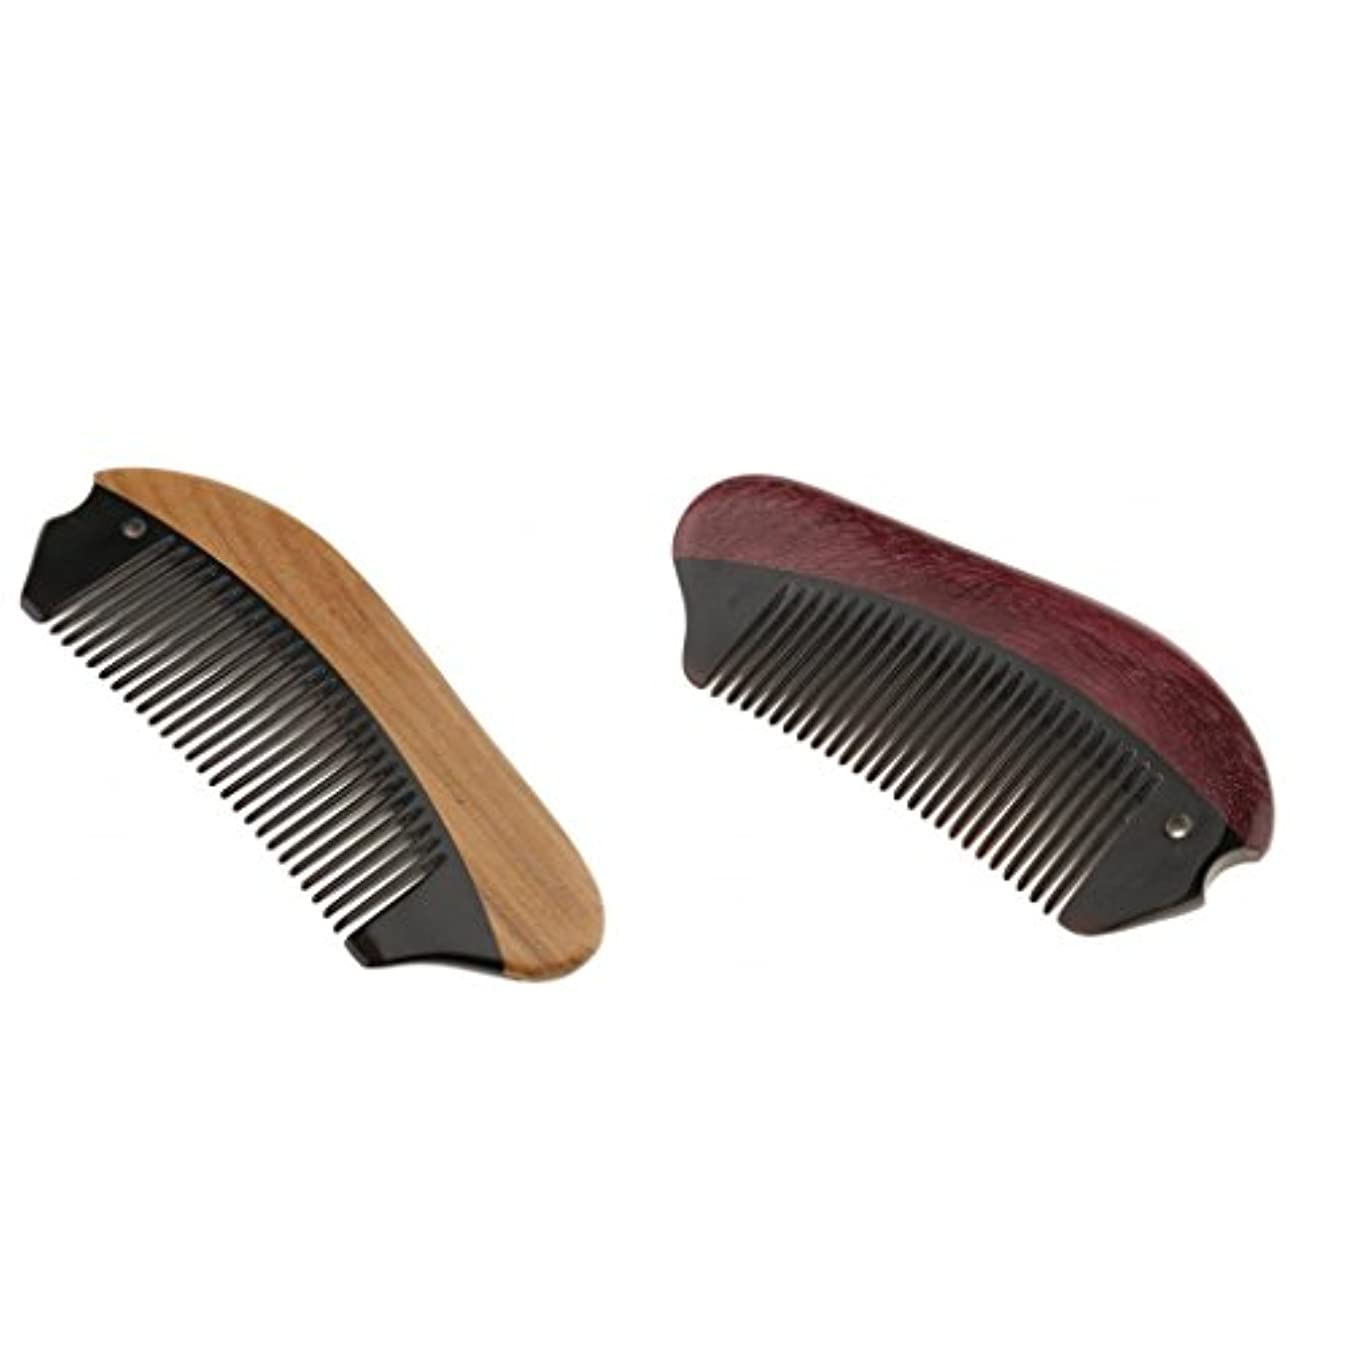 何でも子供達見落とすFenteer 2個 木製 櫛 コーム 静電気防止 ハート ウッド 髪 マッサージ